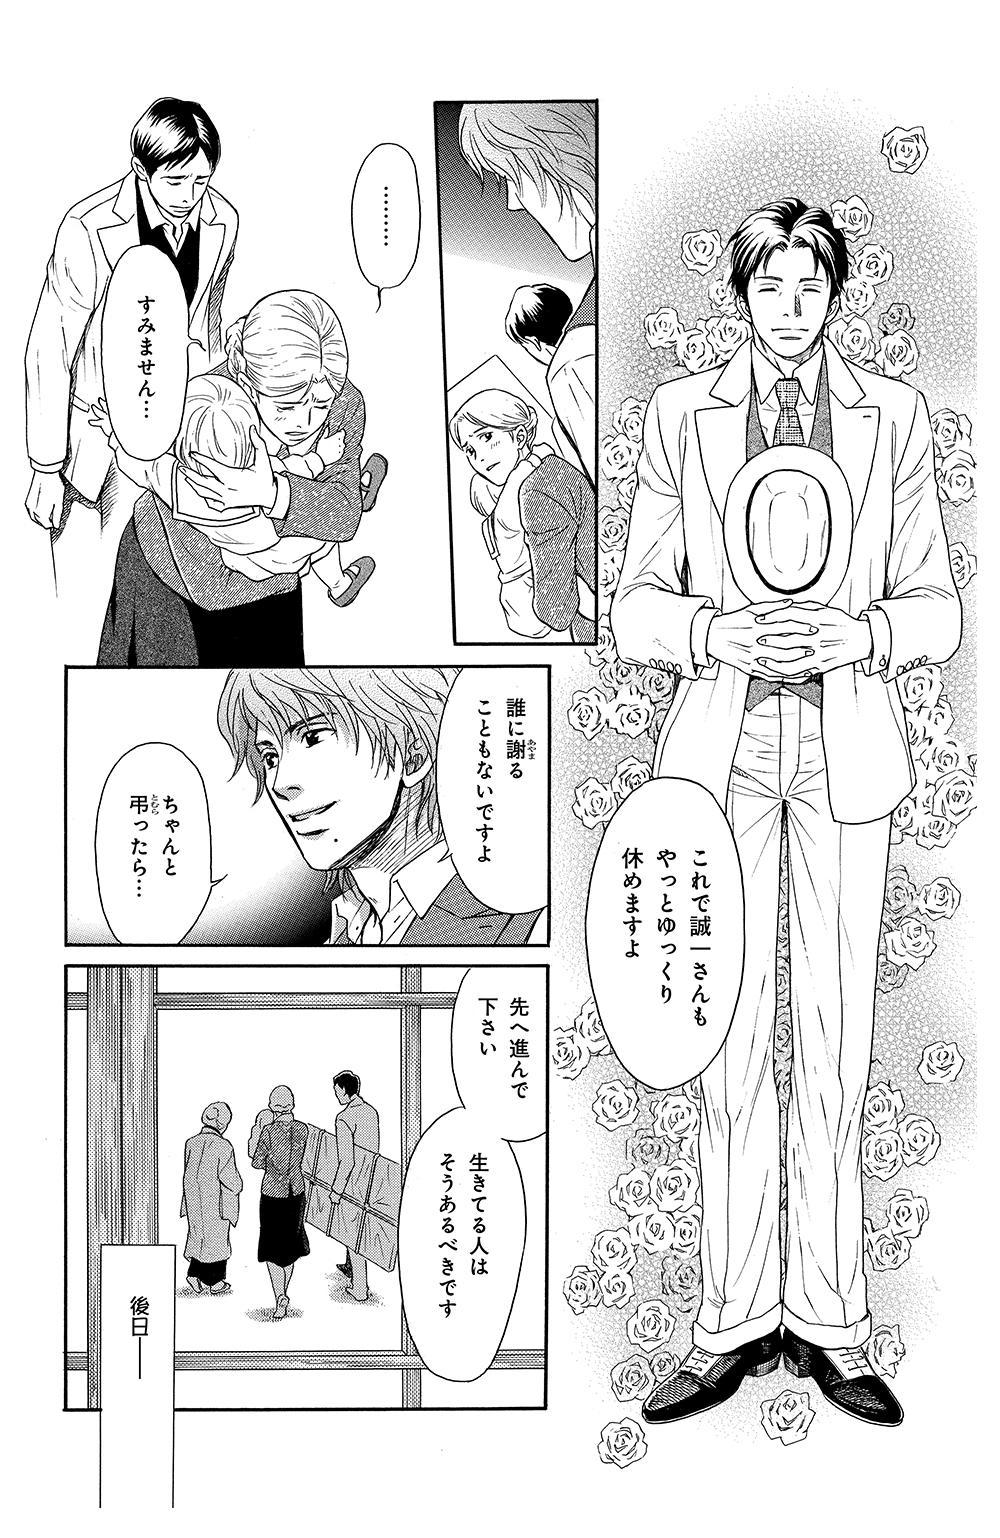 鵼の絵師 第1話「鵼の絵師」②nue-1-24.jpg